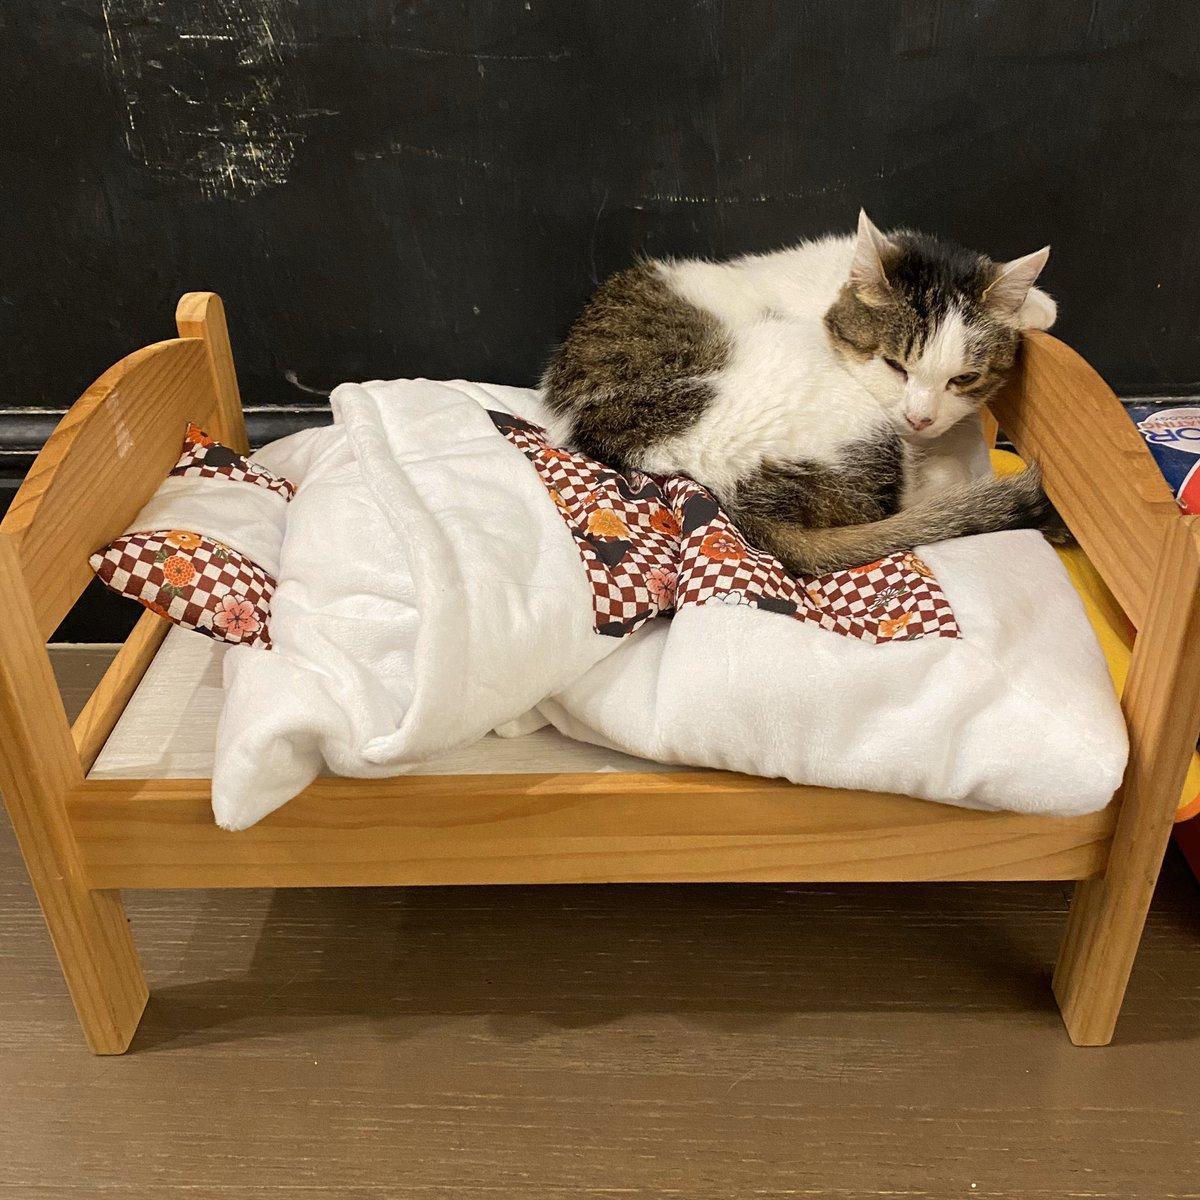 いいにゃあ🛏🐱  #ofutoncatbed #bedforcat #cat #catlover #catcrazy  #お布団キャットベッド #猫のベッド #ネコセカイ #ねこ #ねこばか #ねこすきさんと繋がりたい